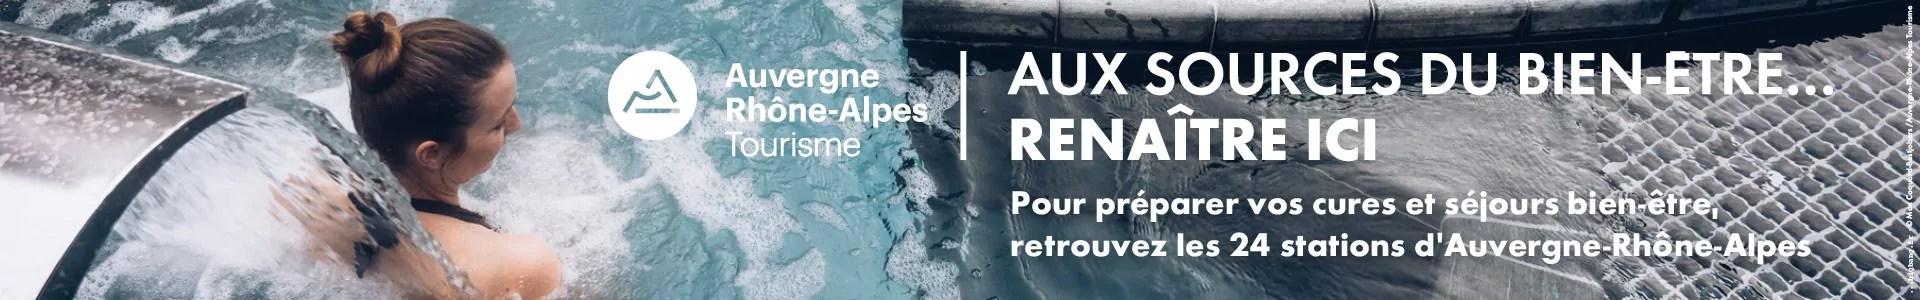 Auvergne Thermale - Aux sources du bien-être... Renaître ici